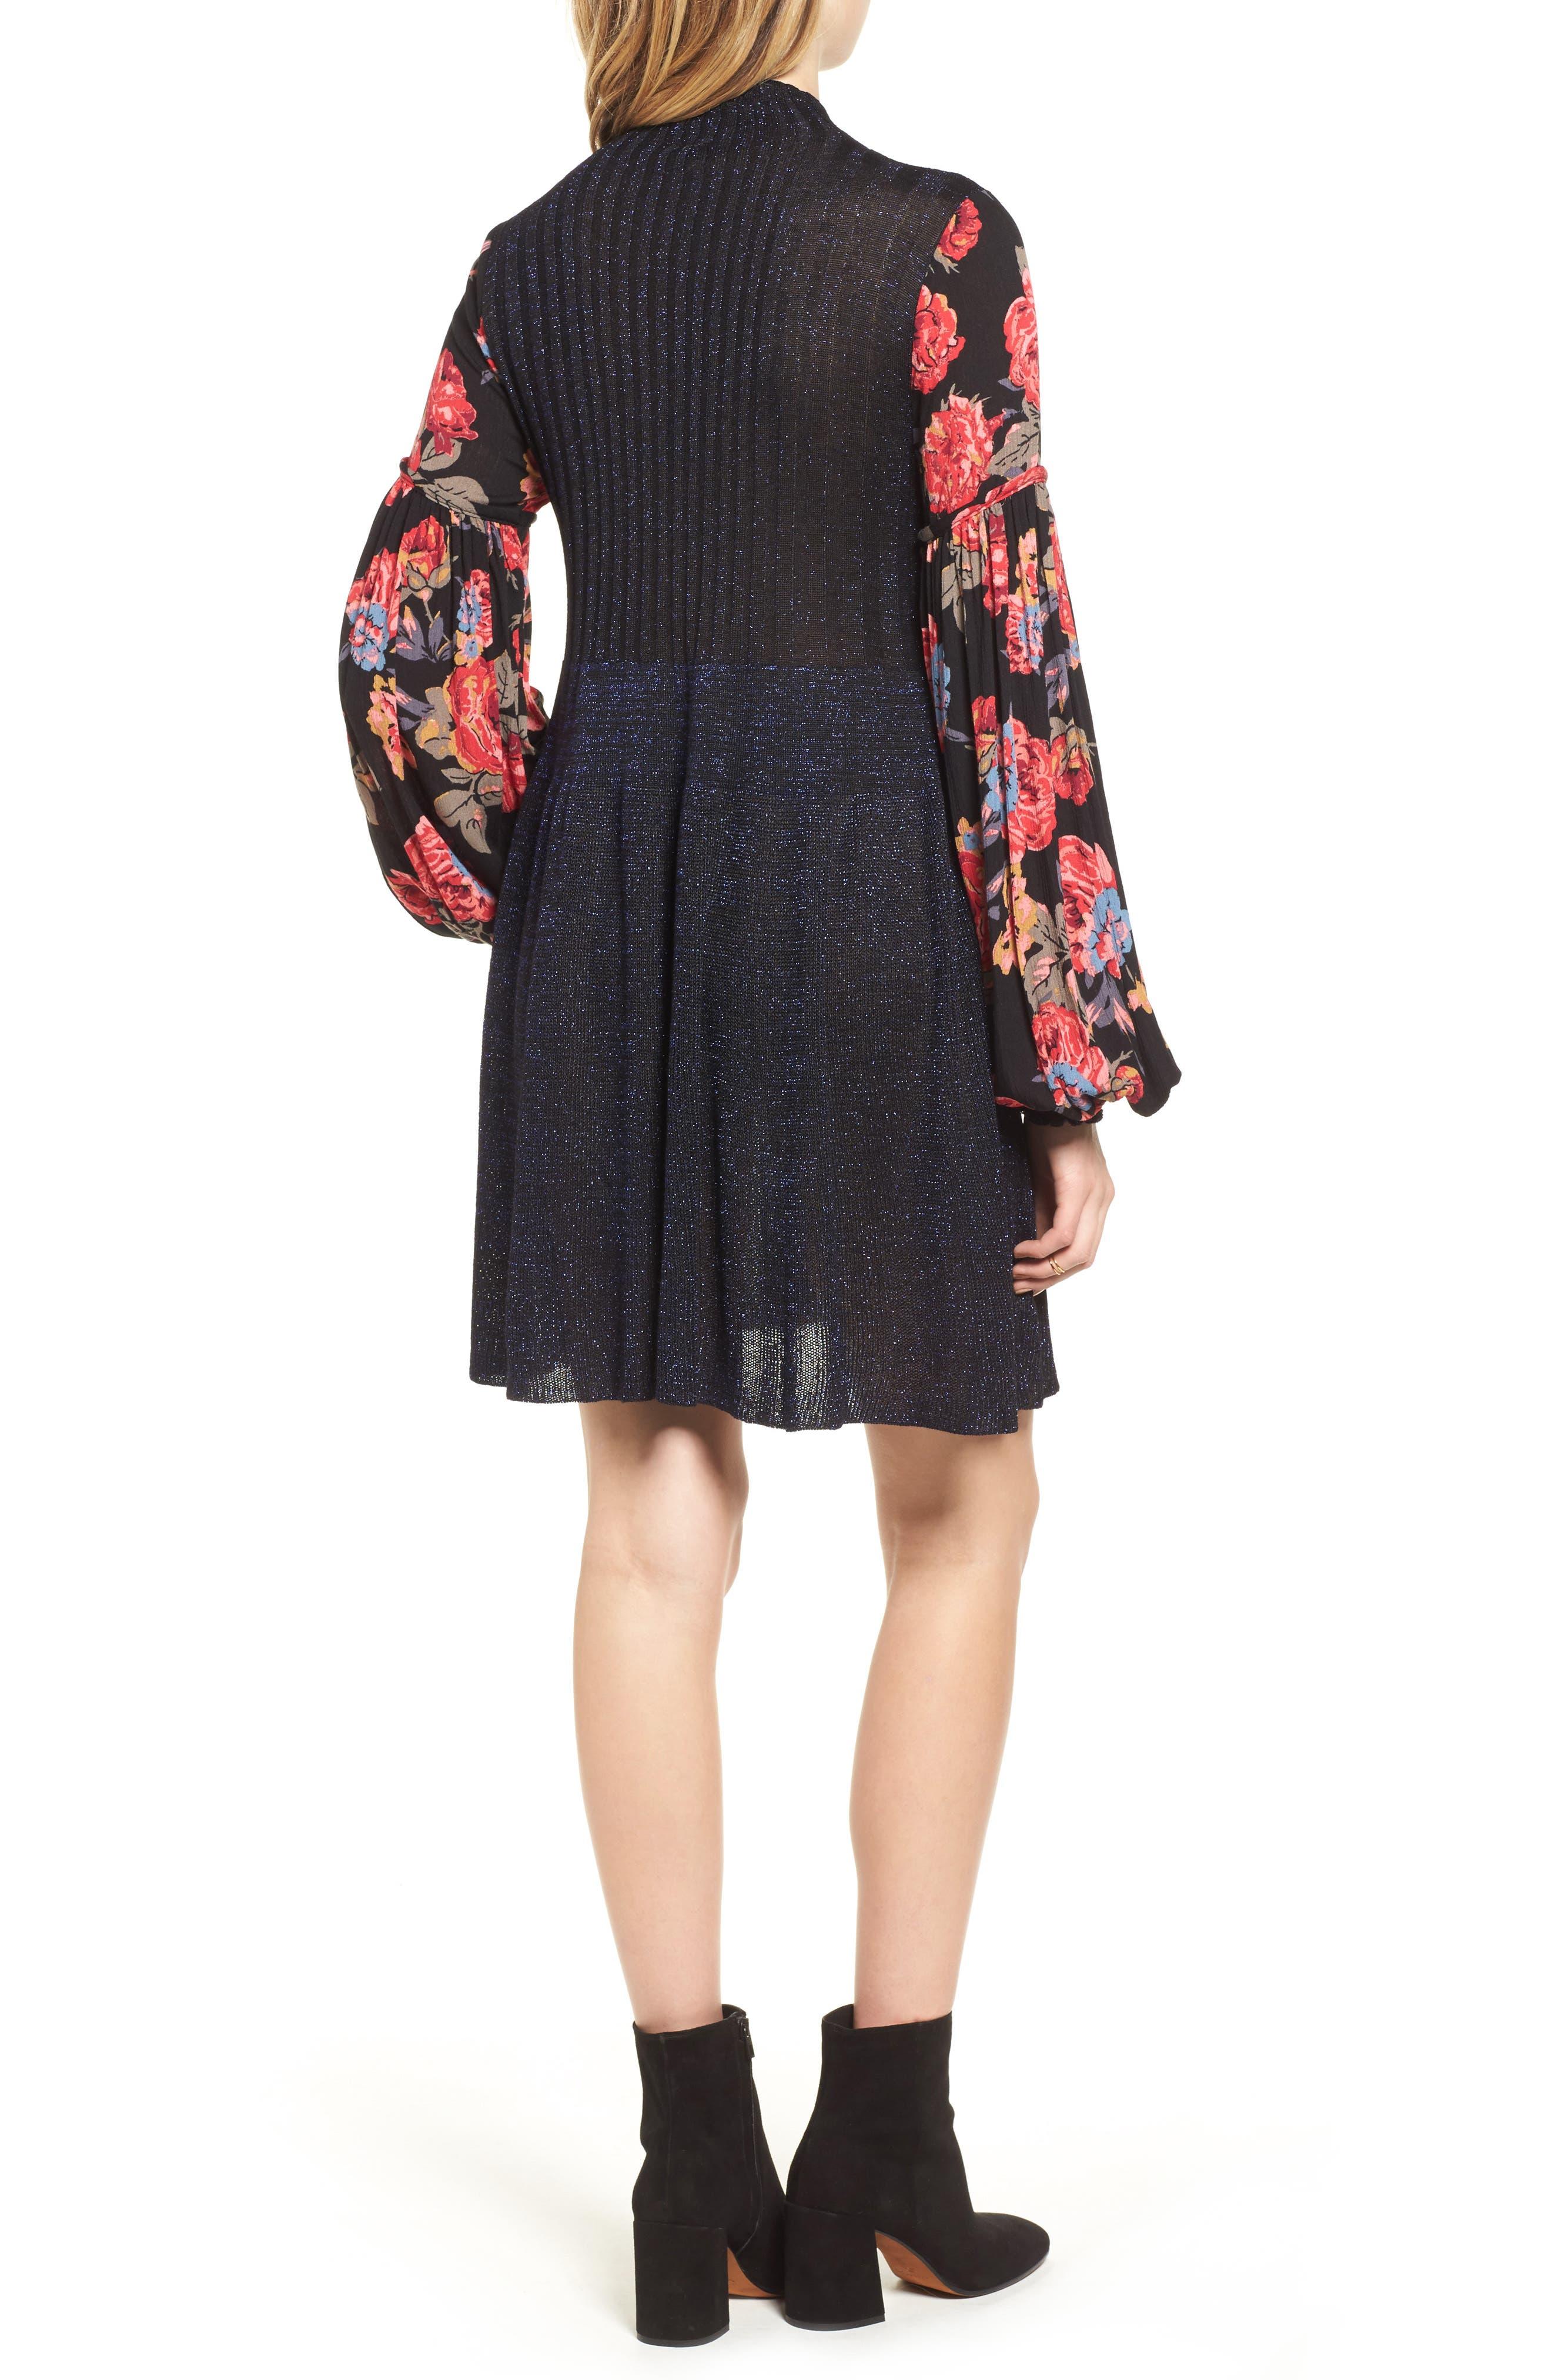 Rose & Shine Sweater Dress,                             Alternate thumbnail 2, color,                             Black Combo